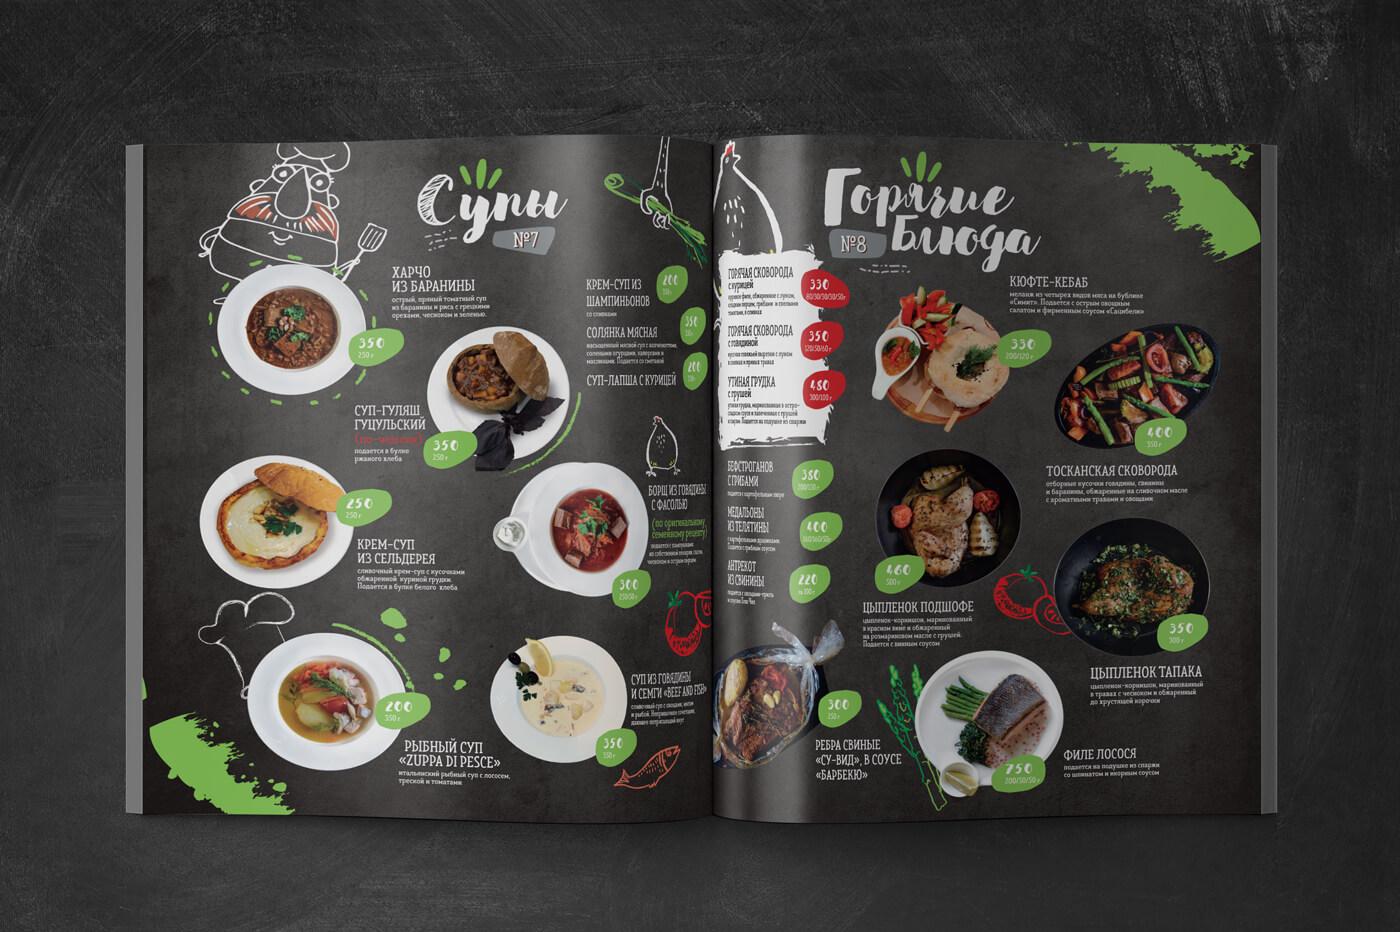 Дизайн меню кафе trattoria «Basilico» – горячее, супы